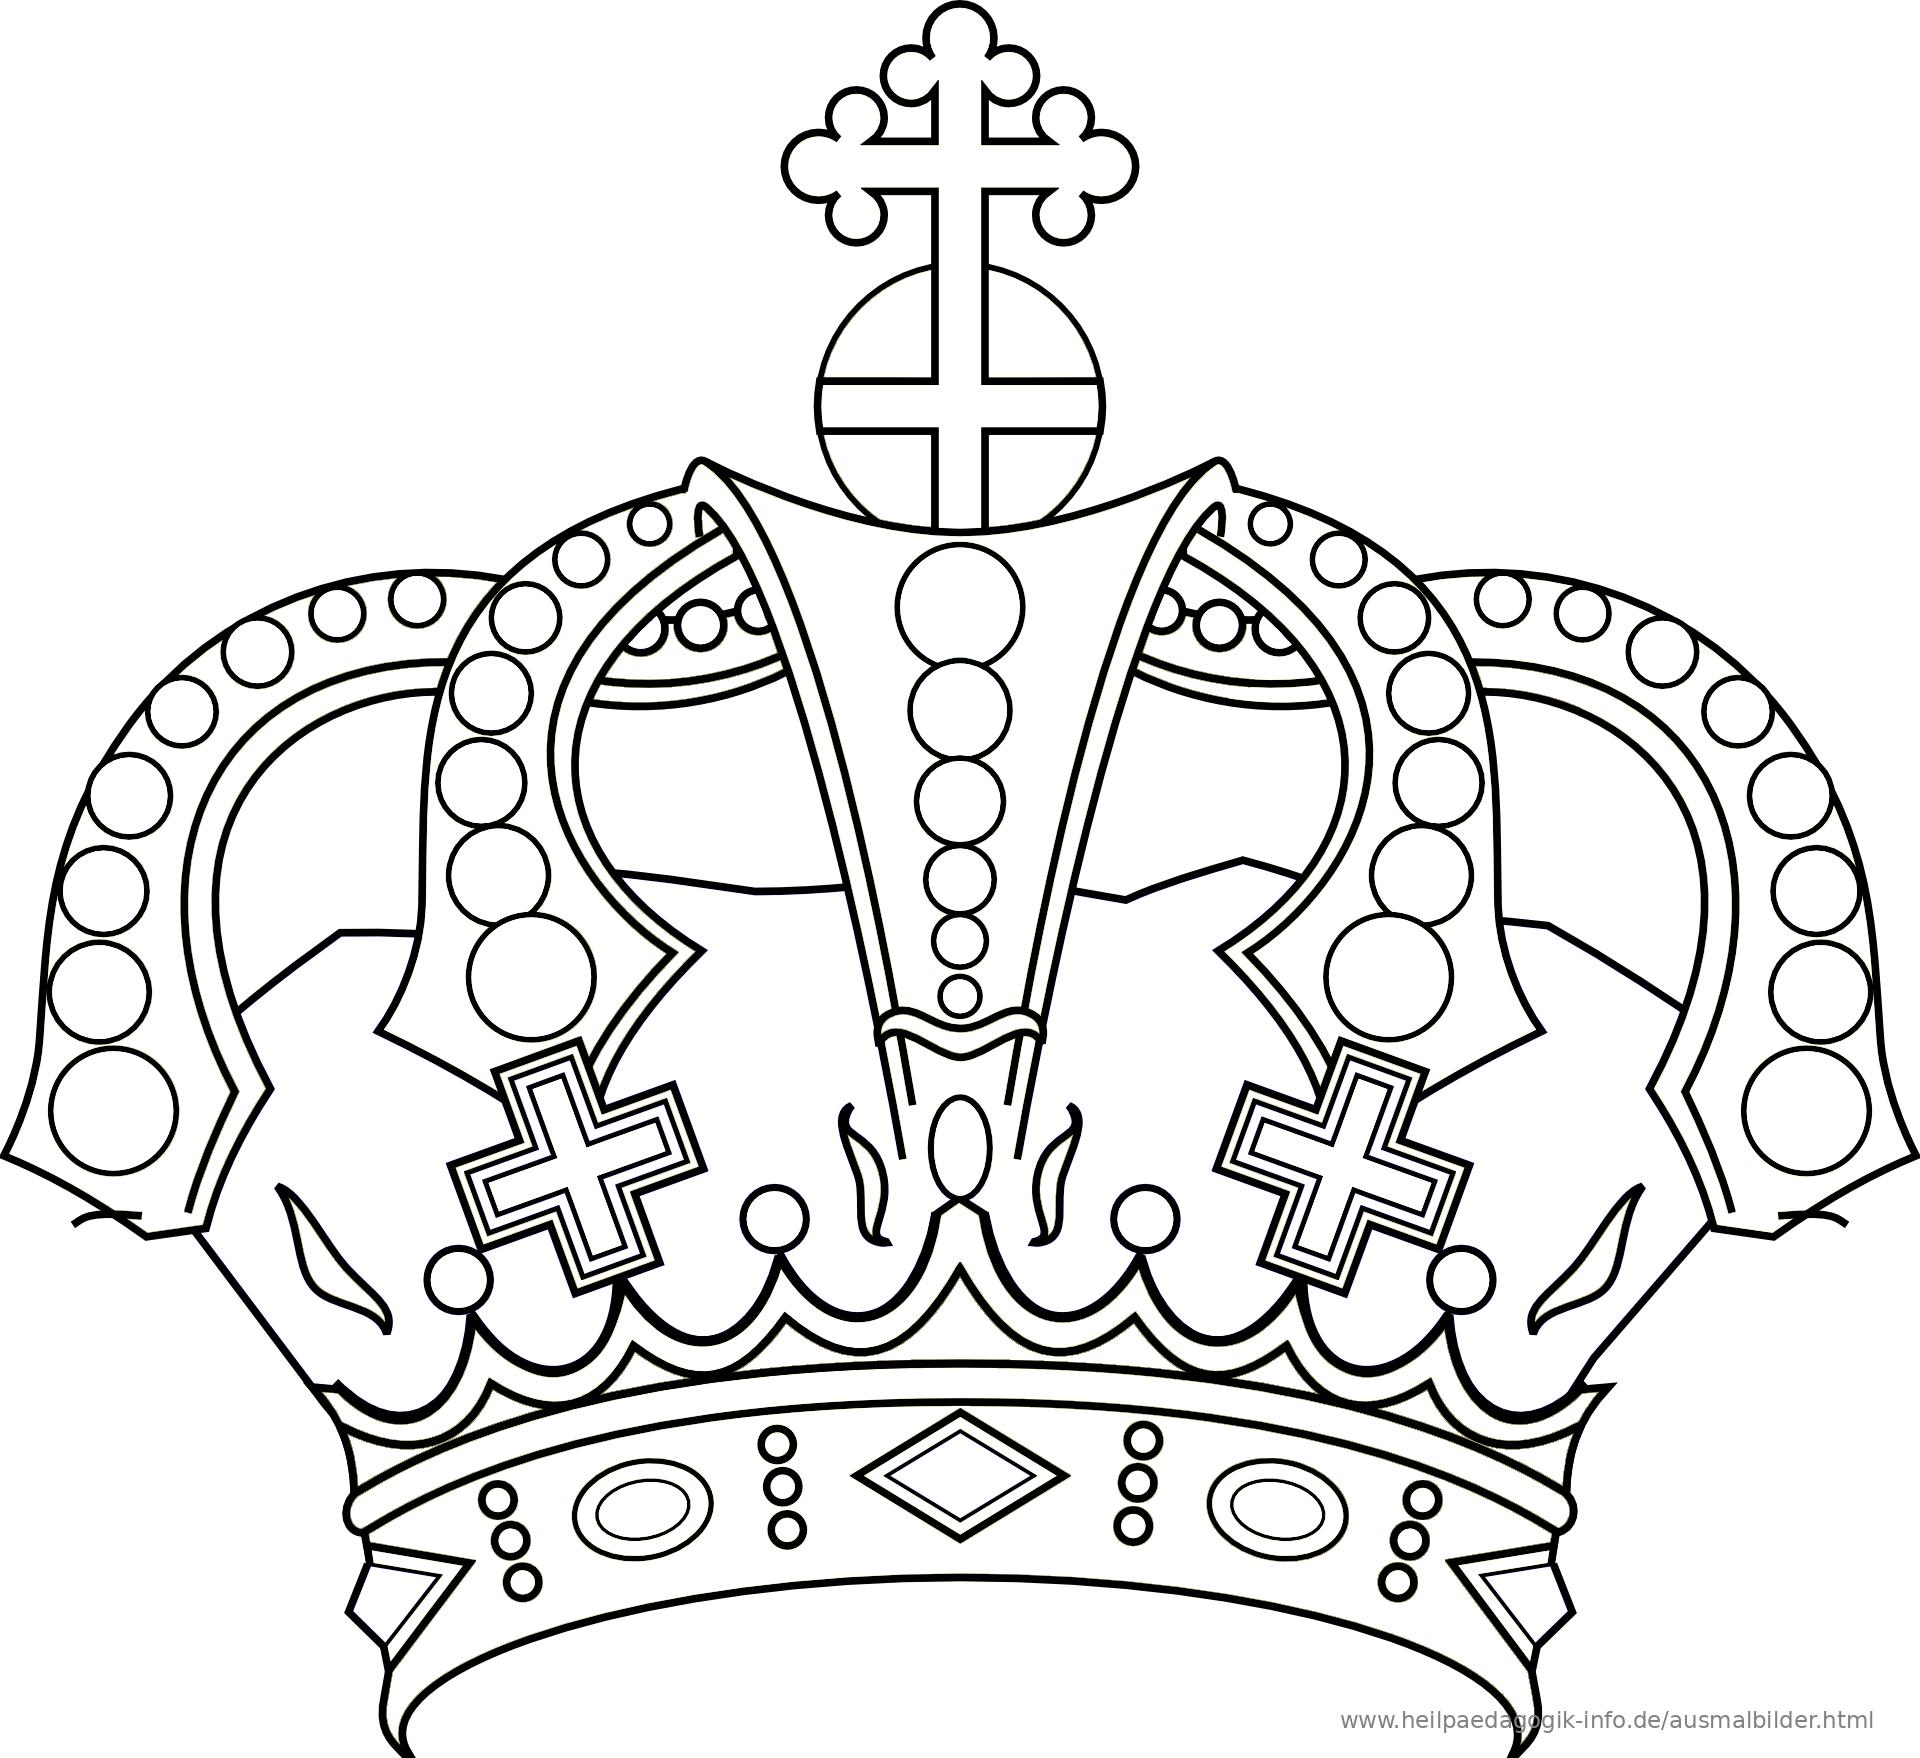 malvorlage krone prinzessin  top kostenlos färbung seite